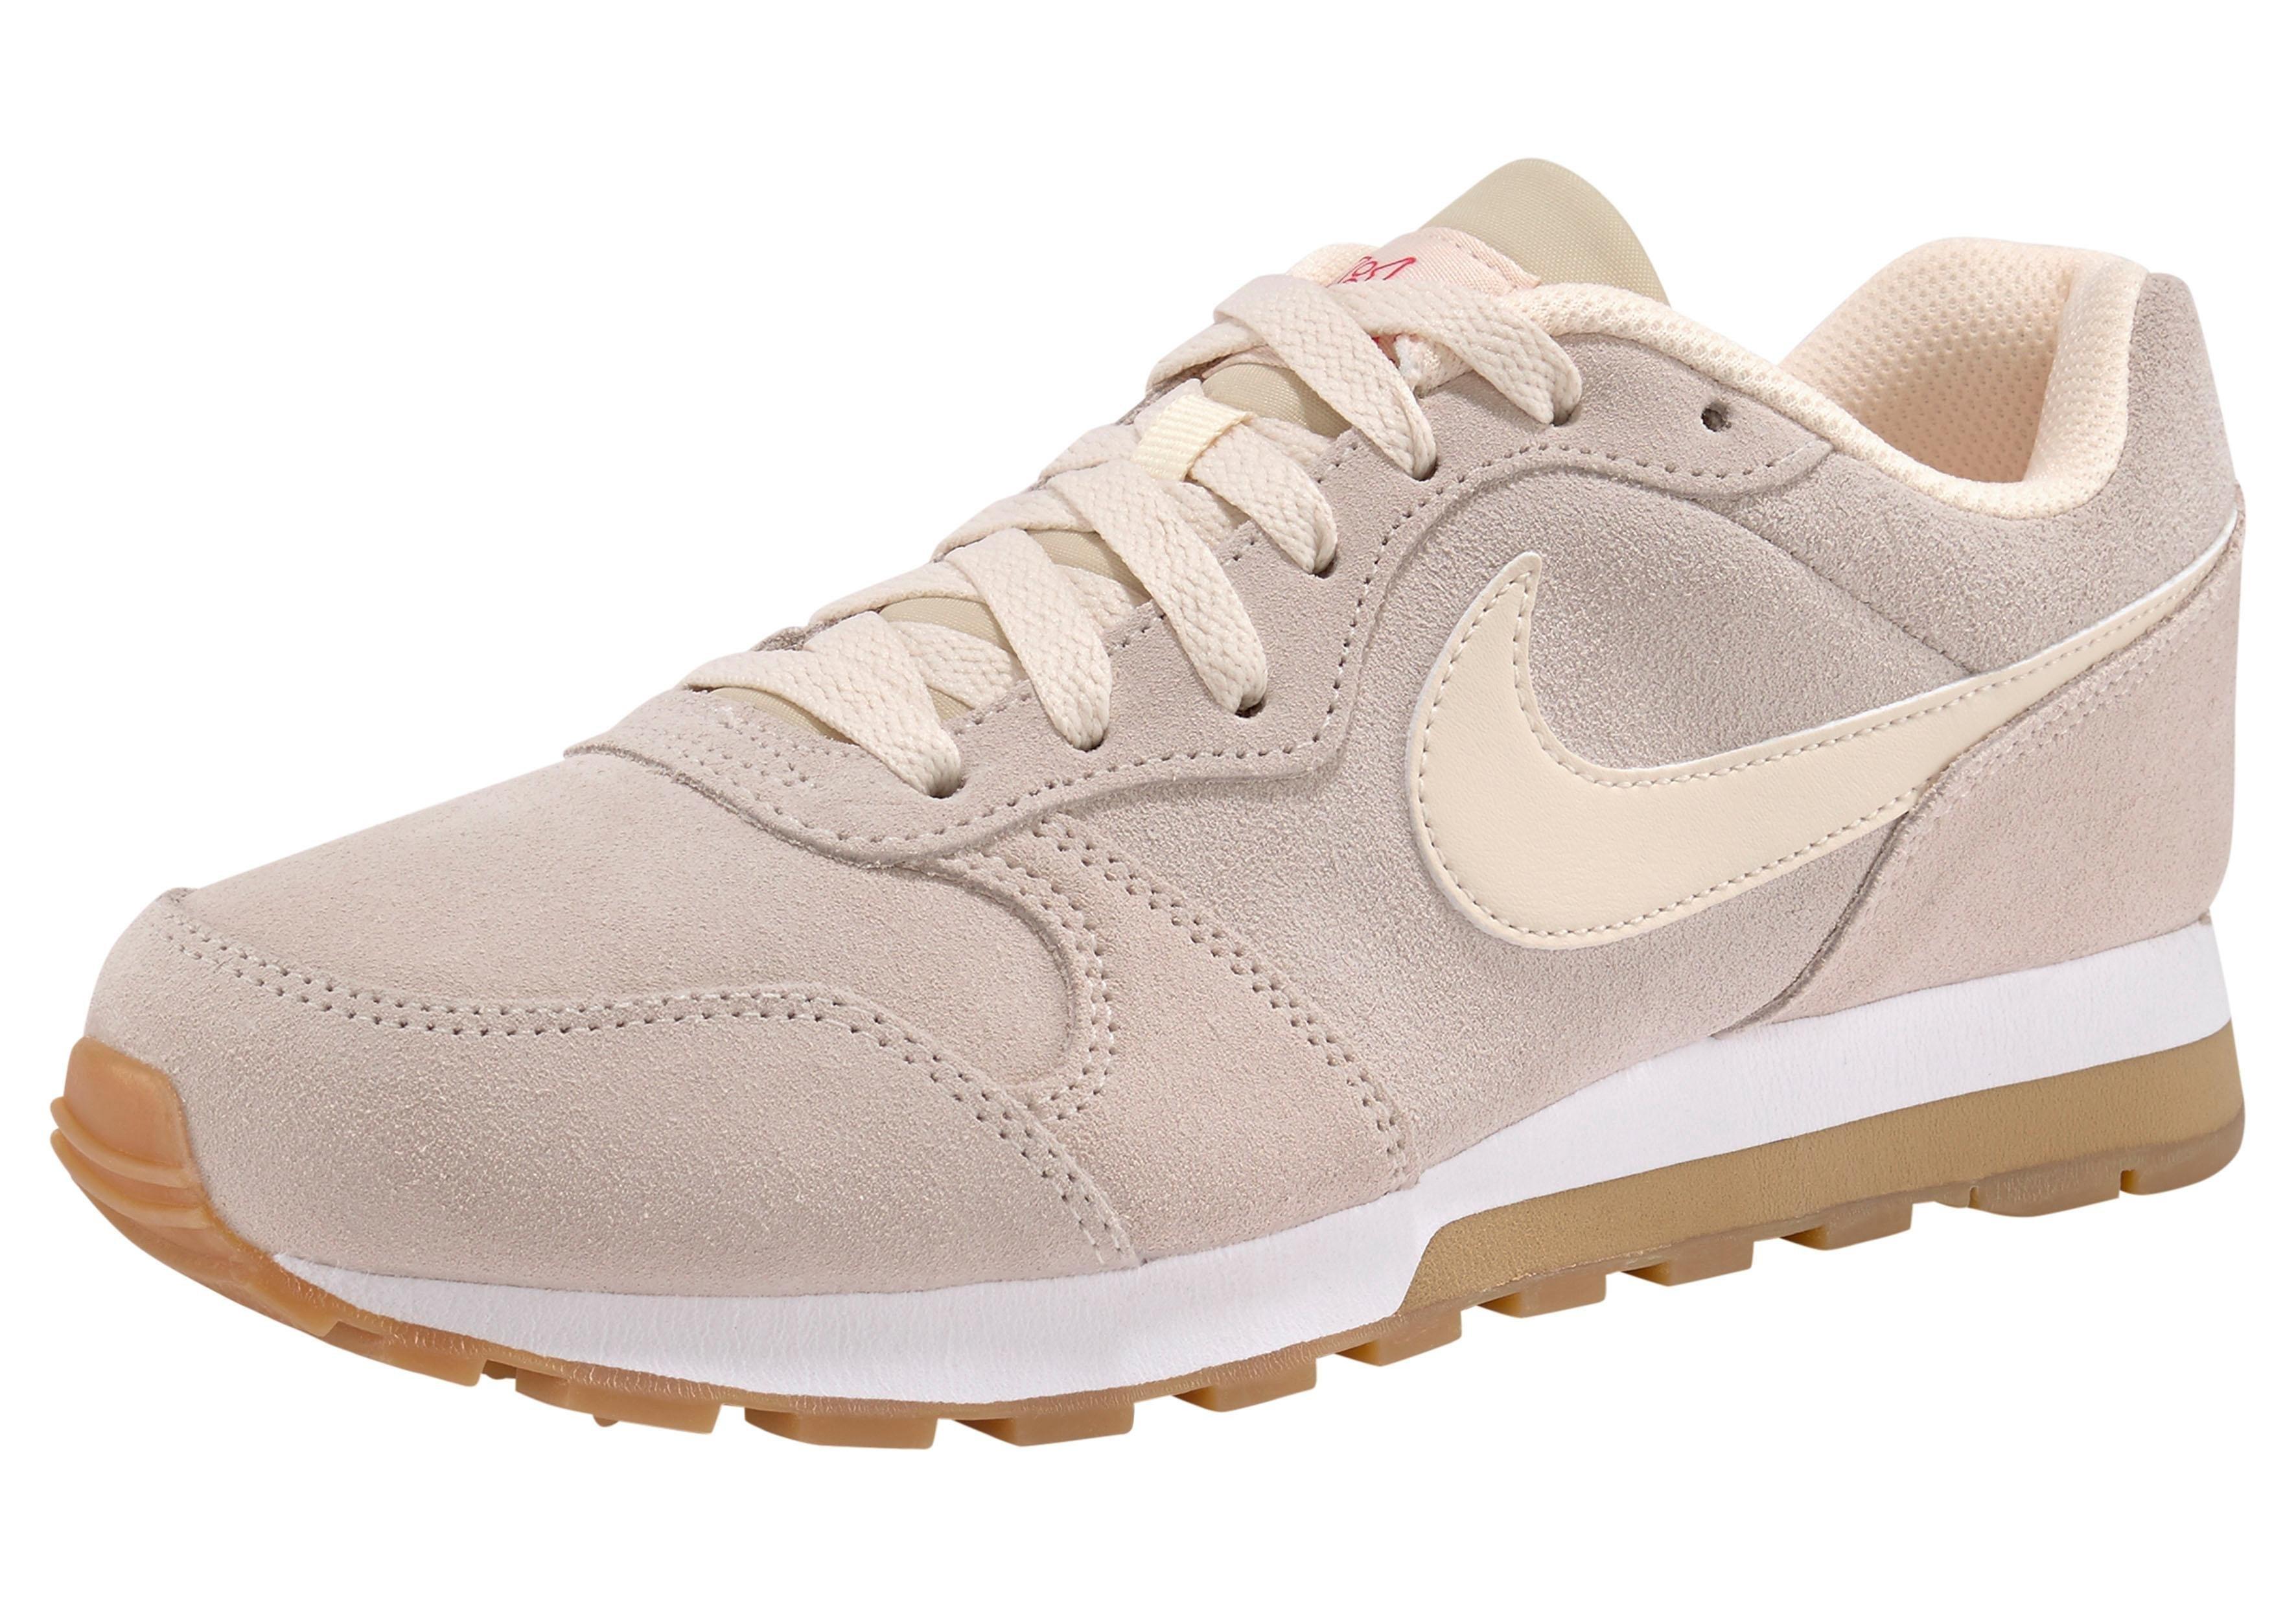 6165f183826 Nike MD Runner online kopen | Bekijk nu onze collectie | OTTO